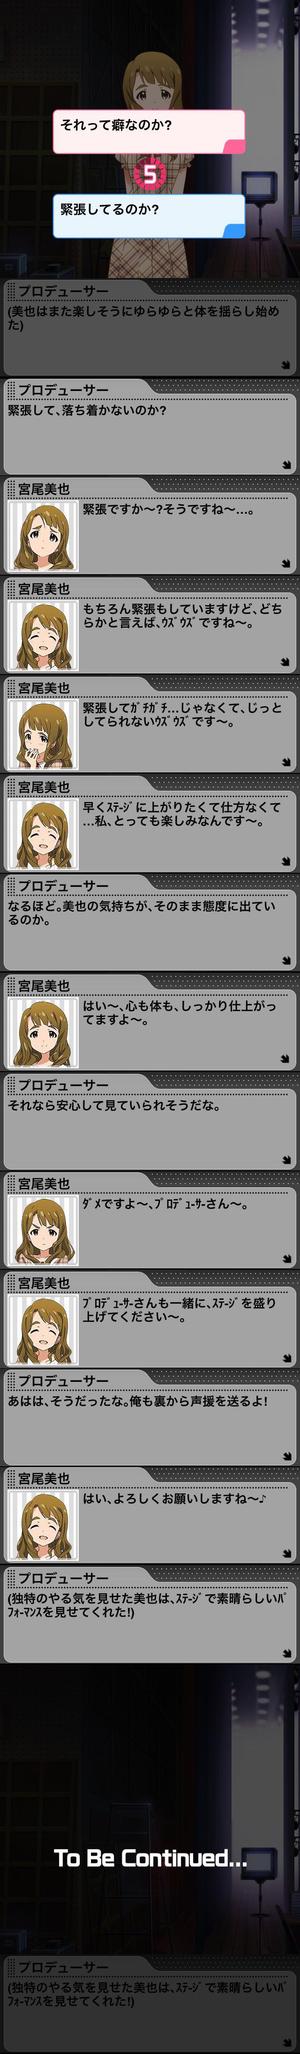 美也LV5_5